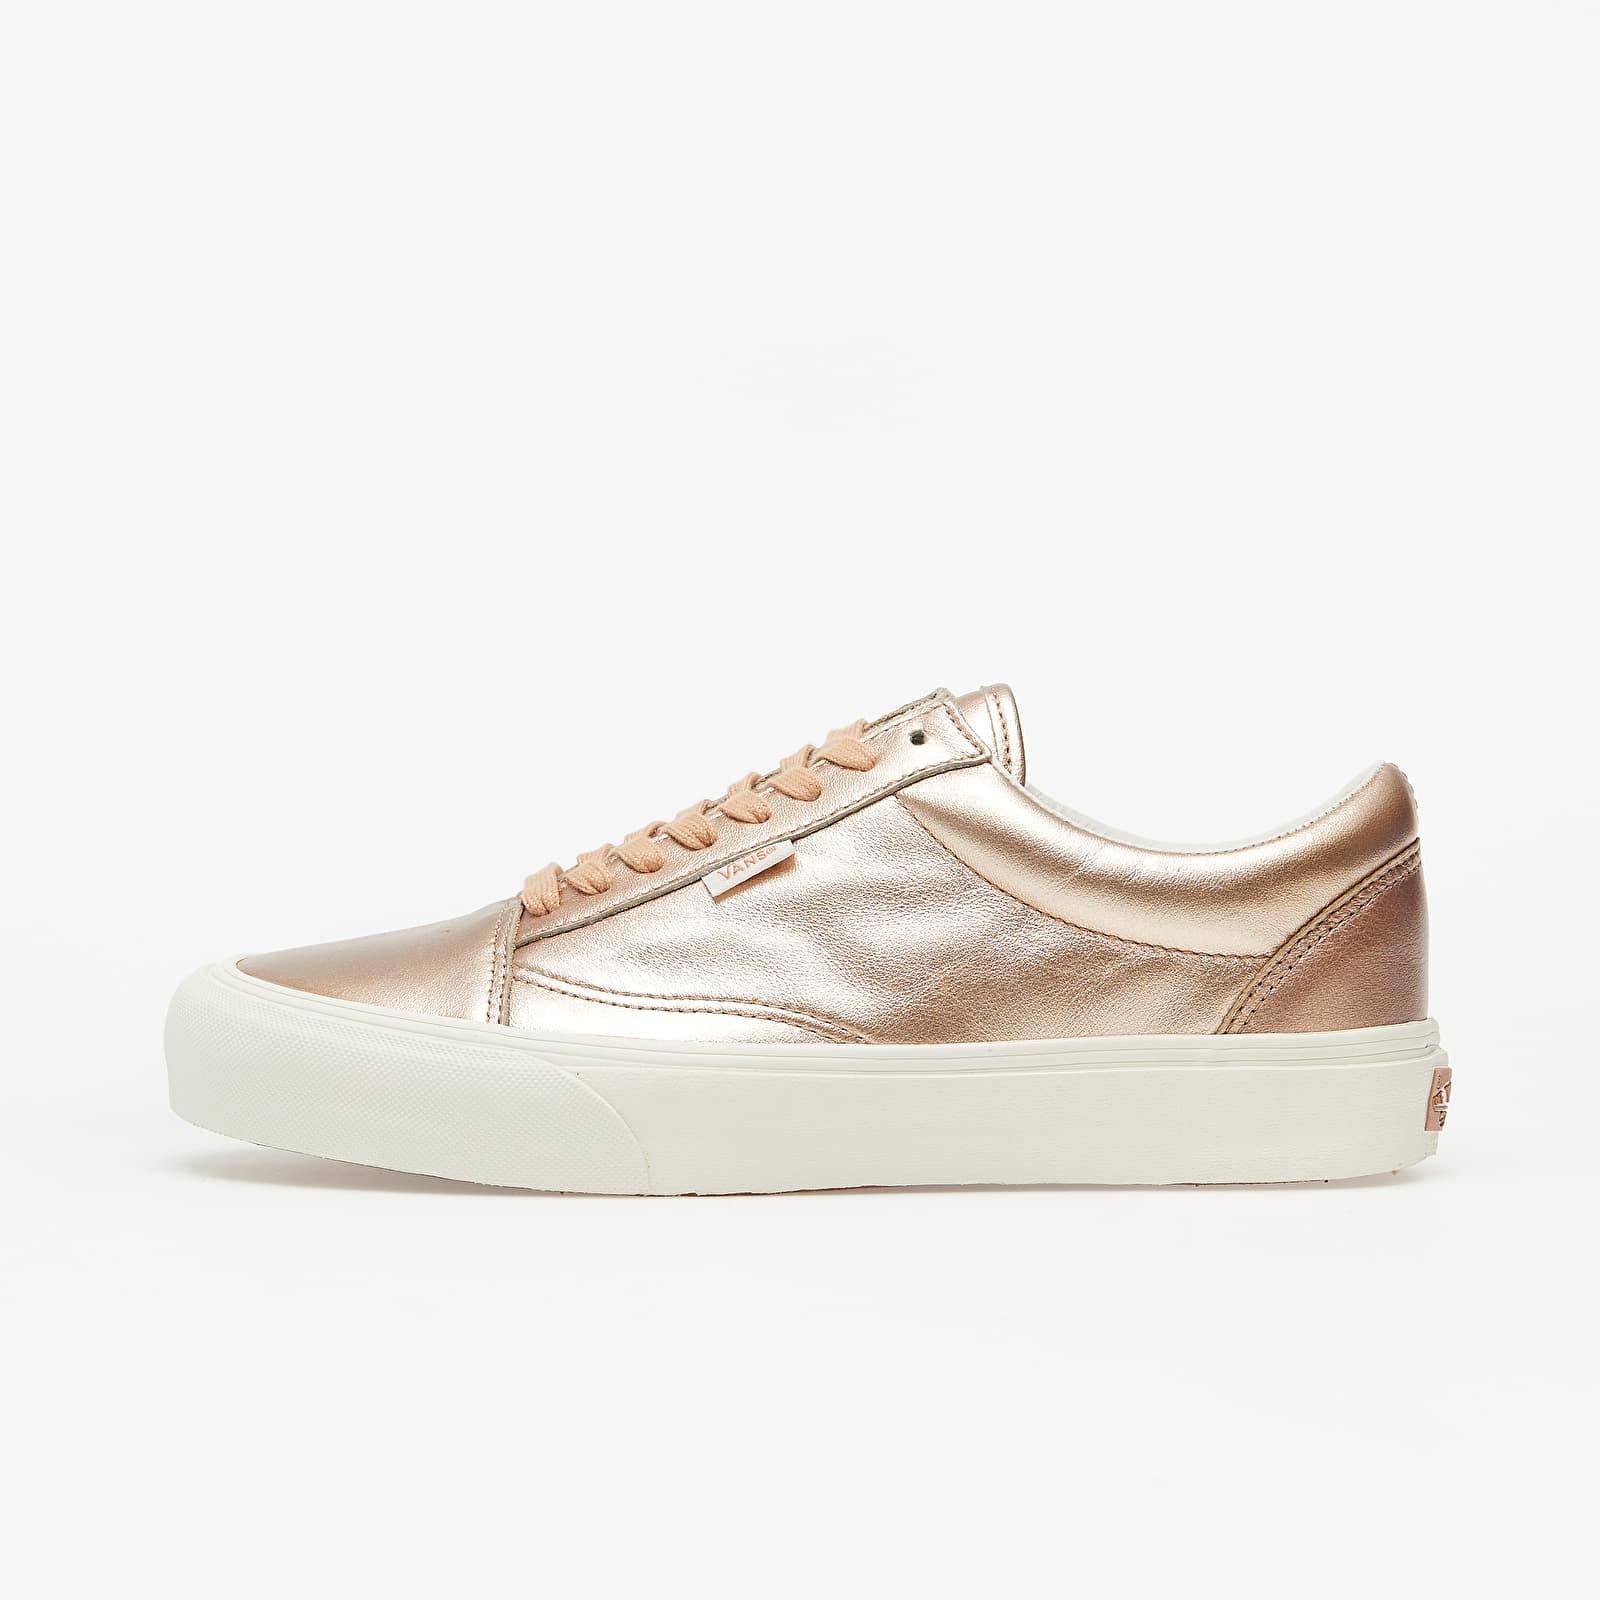 Мужская обувь Vans Old Skool NS VLT LX (Metal) Rose Gold